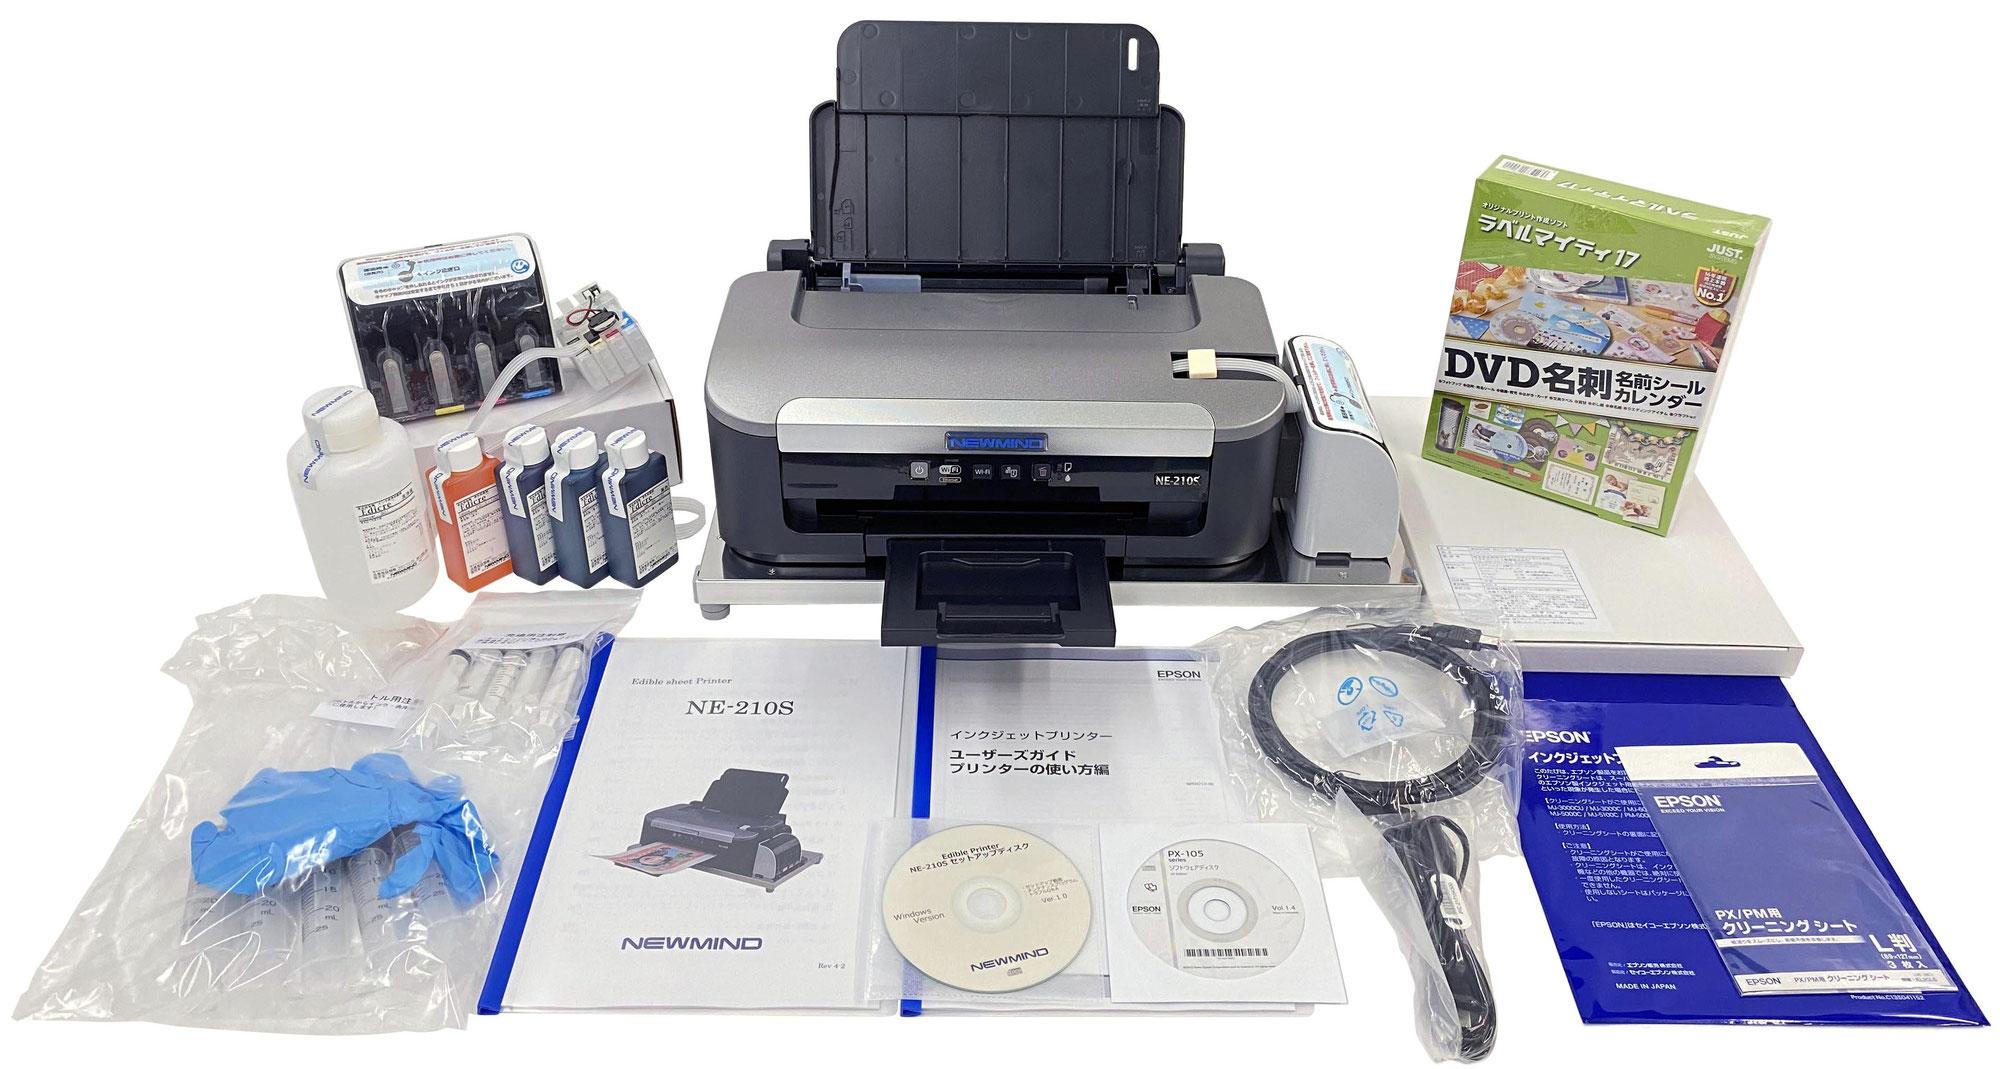 食べられるシートとインクで印刷して好きな形に切抜けば、オリジナルデコレーションが完成!可食シートプリンターNE-210Sフルセットモデル新発売